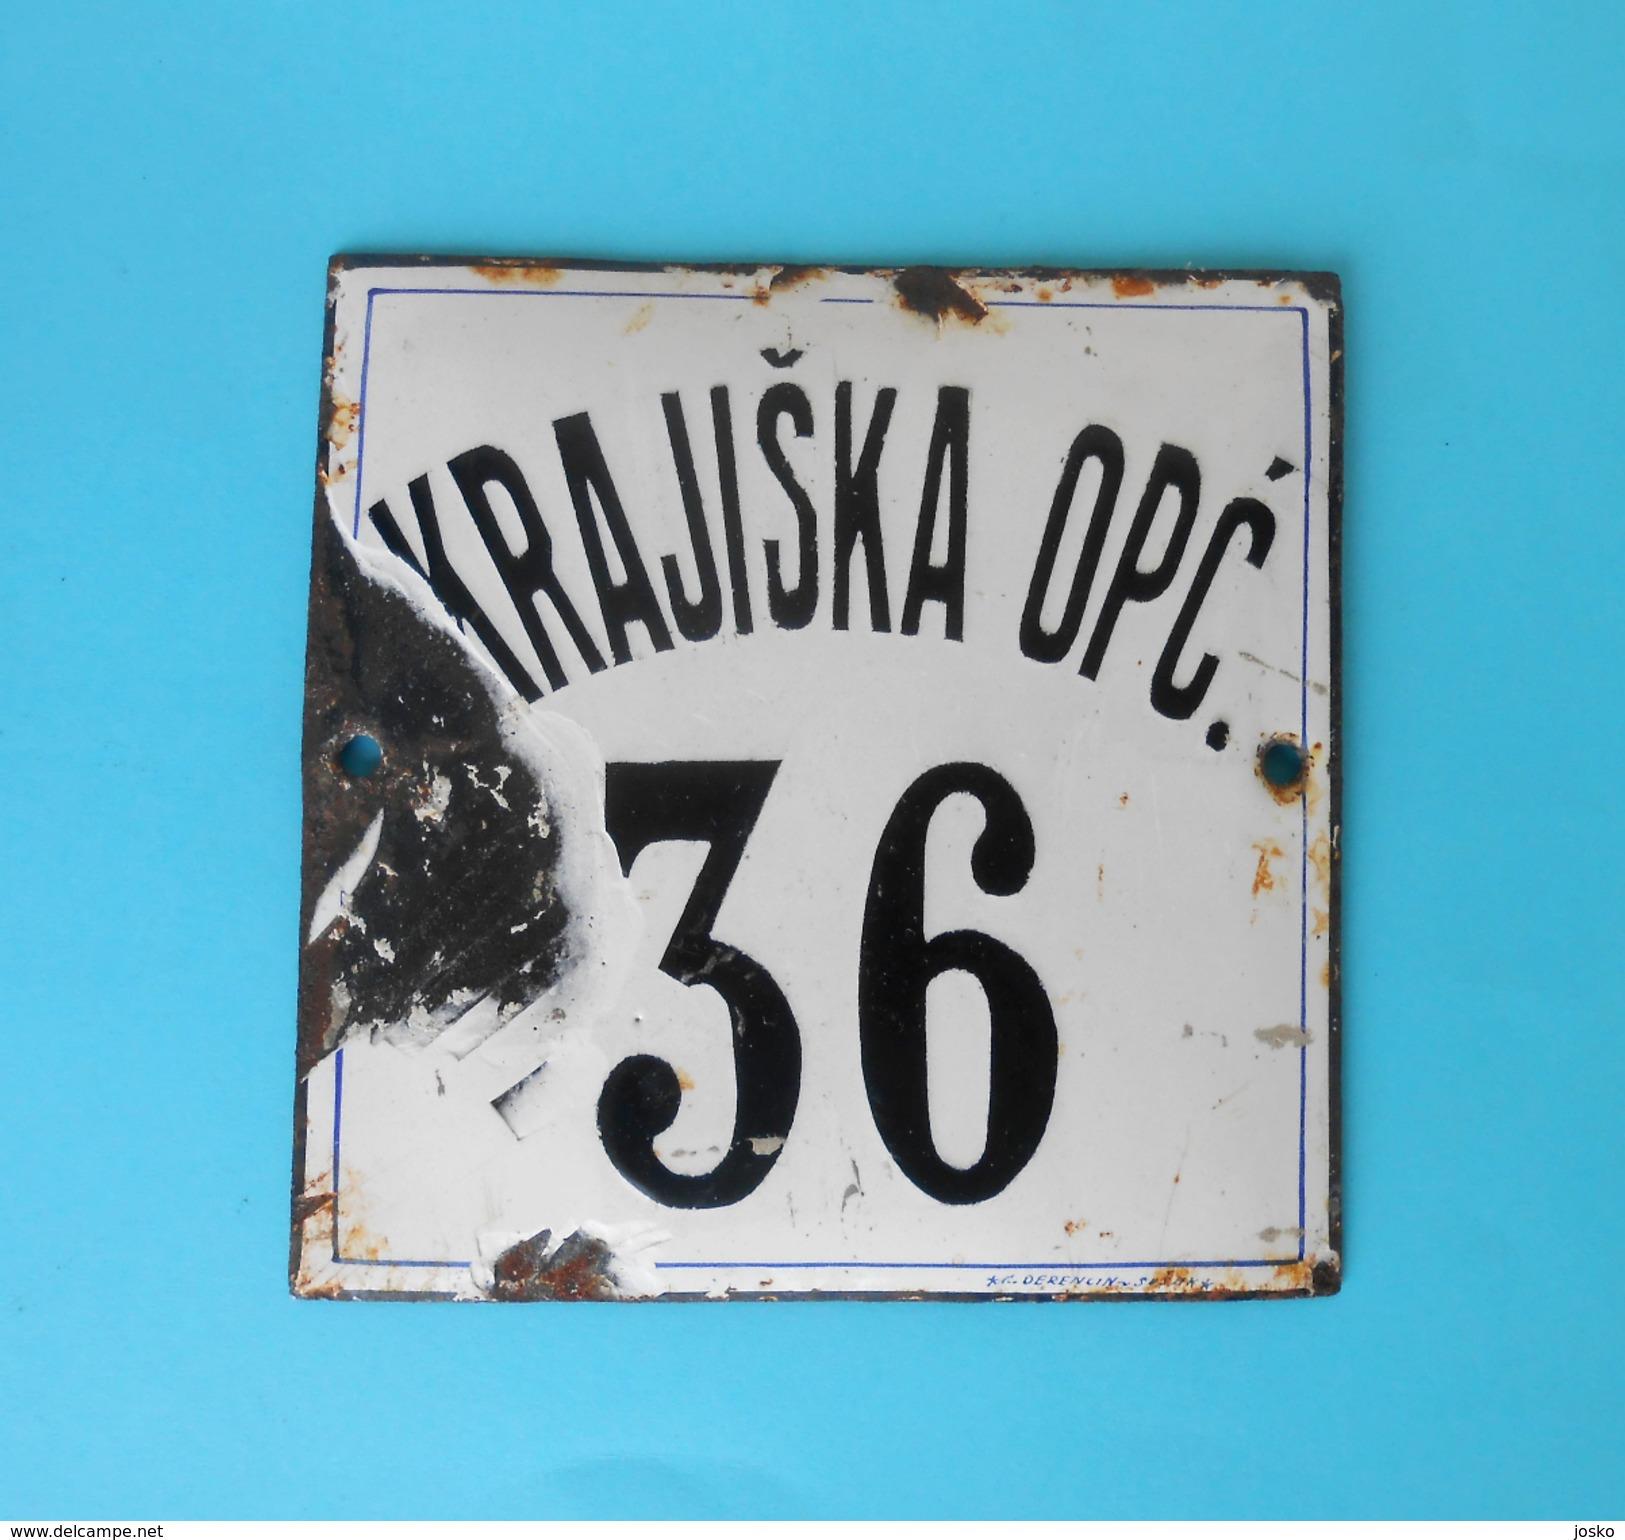 KRAJISKA OPC. 36 Vintage Enamel Porcelain Sign By Derencin, Susak - Croatia ( Yugoslav Kingdom ) PLAQUE ANCIENNE EMAILLE - Tabak